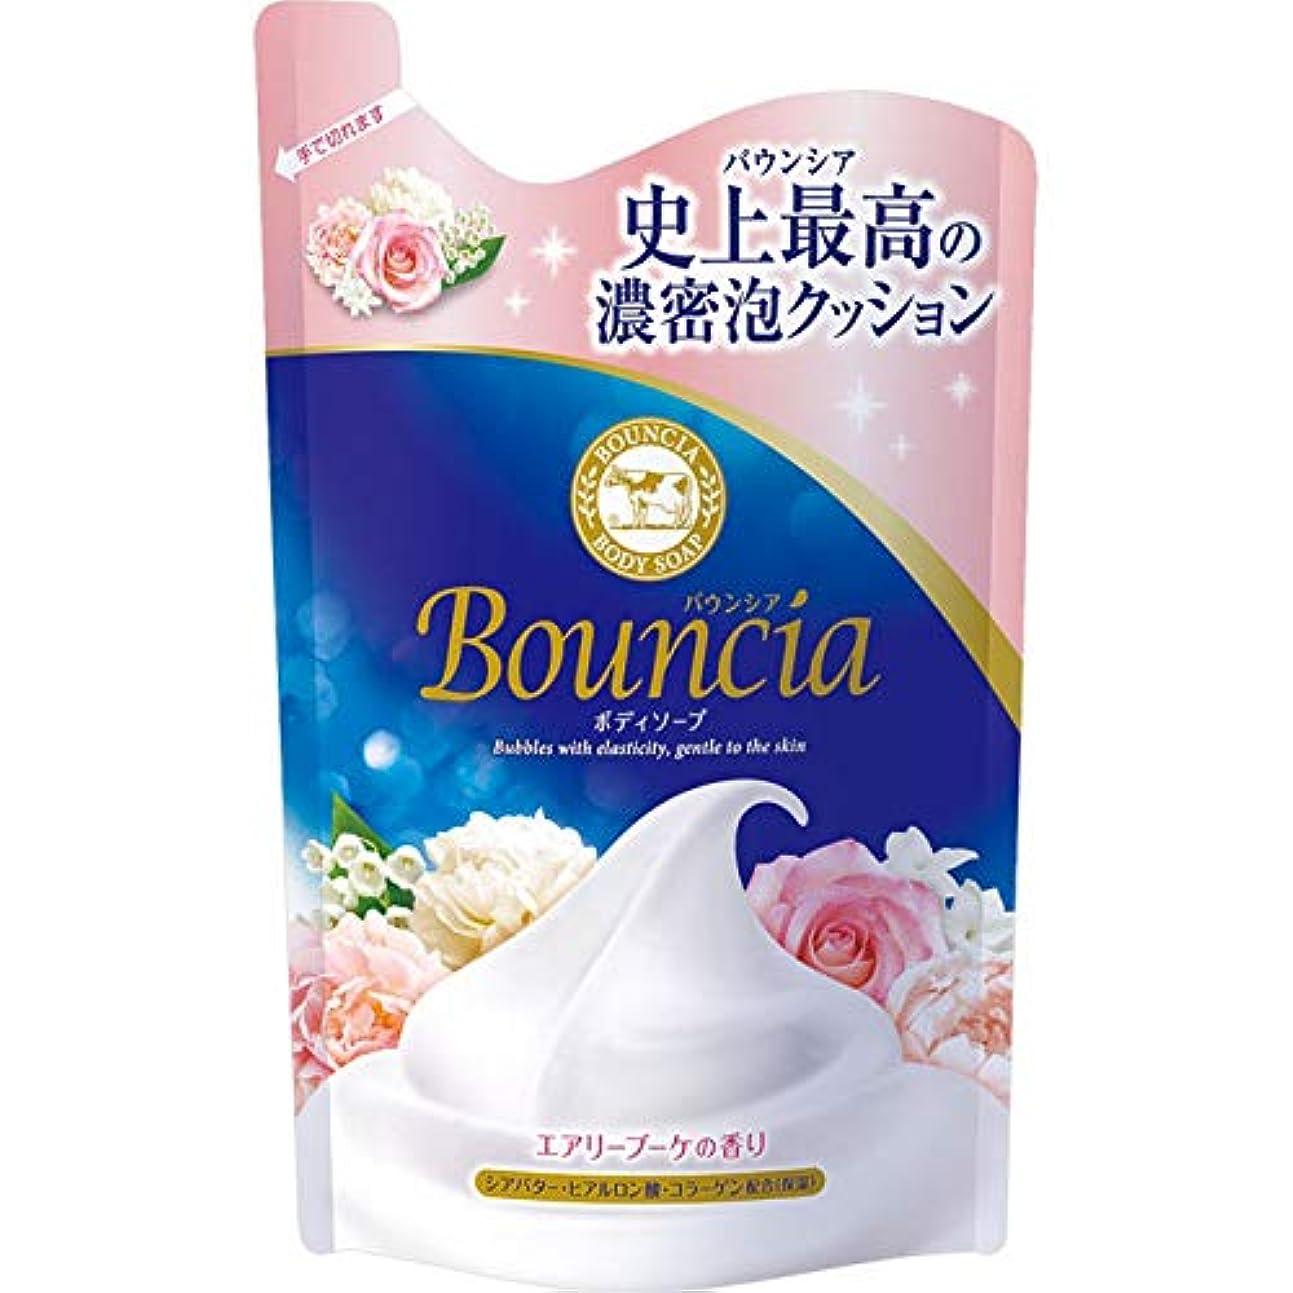 大胆機関指導するバウンシアボディソープ エアリーブーケの香り 詰替用?400mL × 4個セット